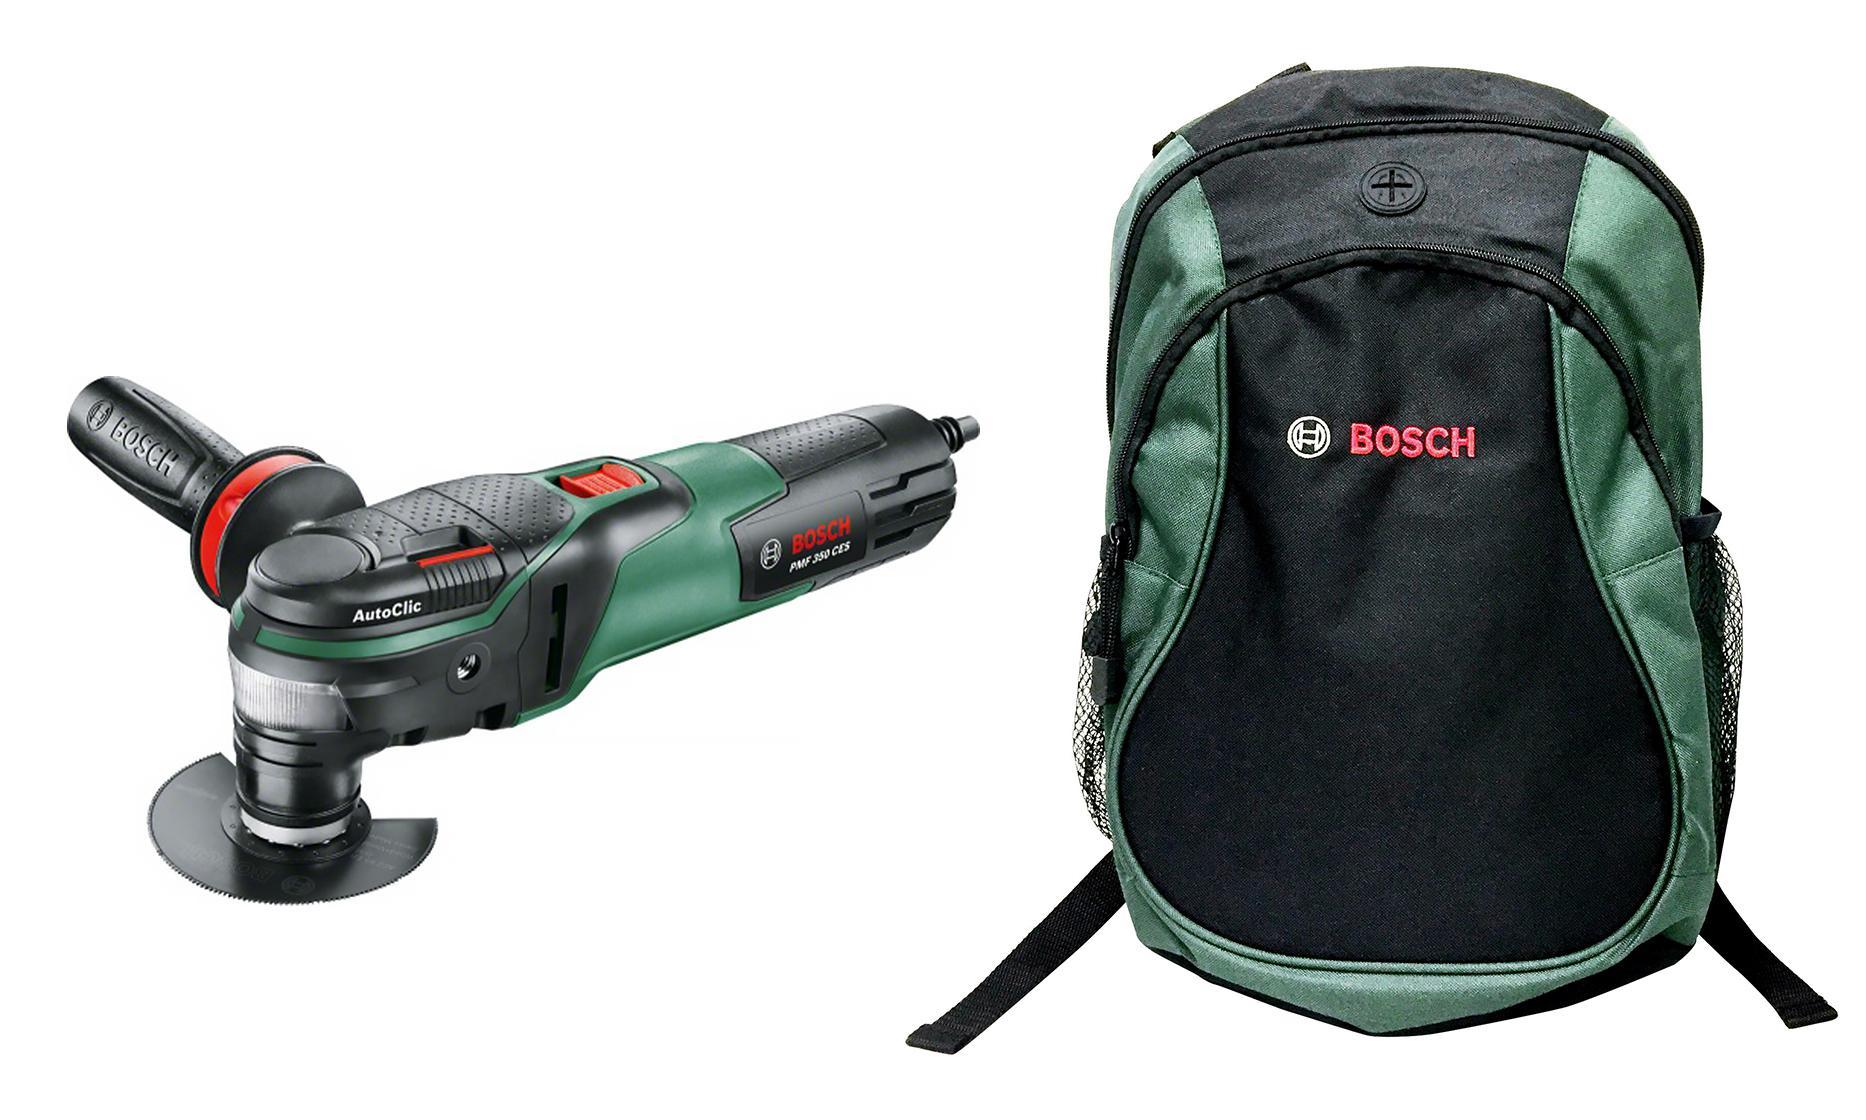 Набор Bosch Инструмент многофункц. pmf 350 ces + рюкзак green (1619g45200)